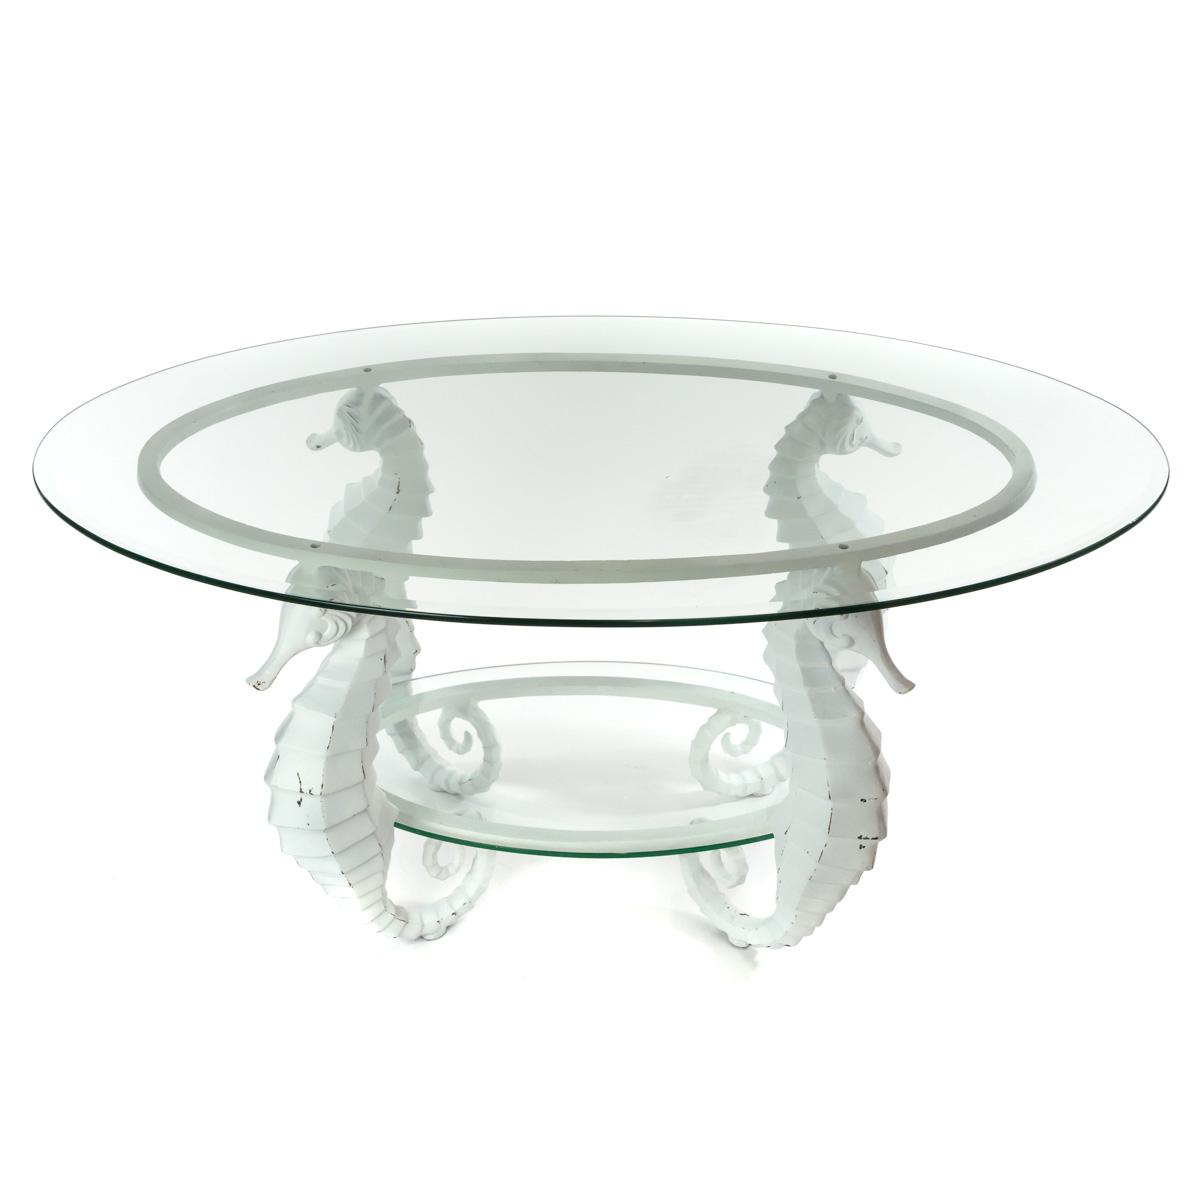 Aluminum Seahorse Coffee Table